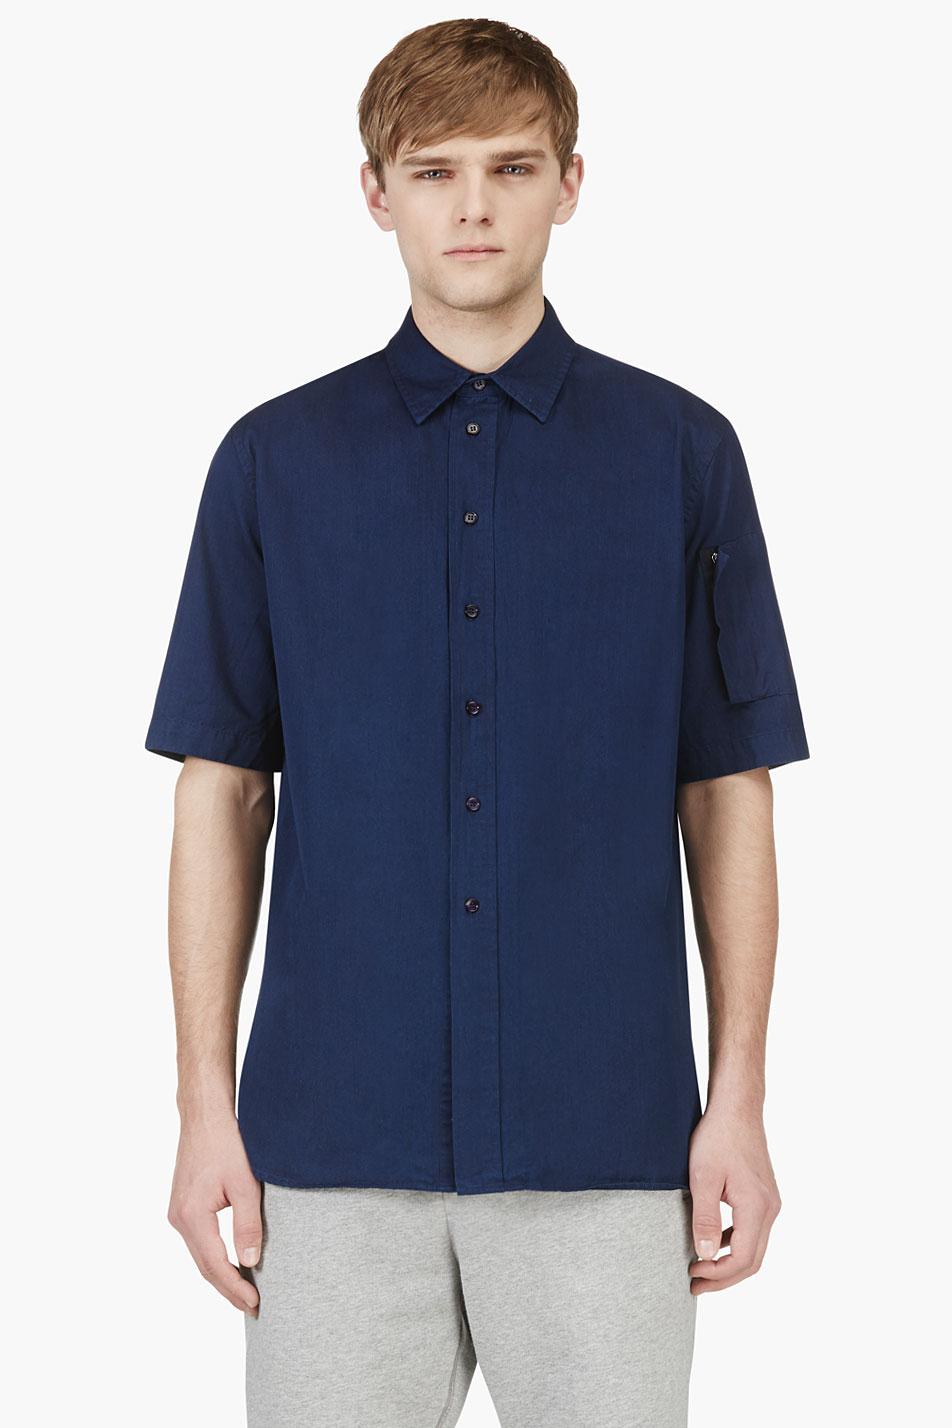 marni indigo short sleeve button down shirt